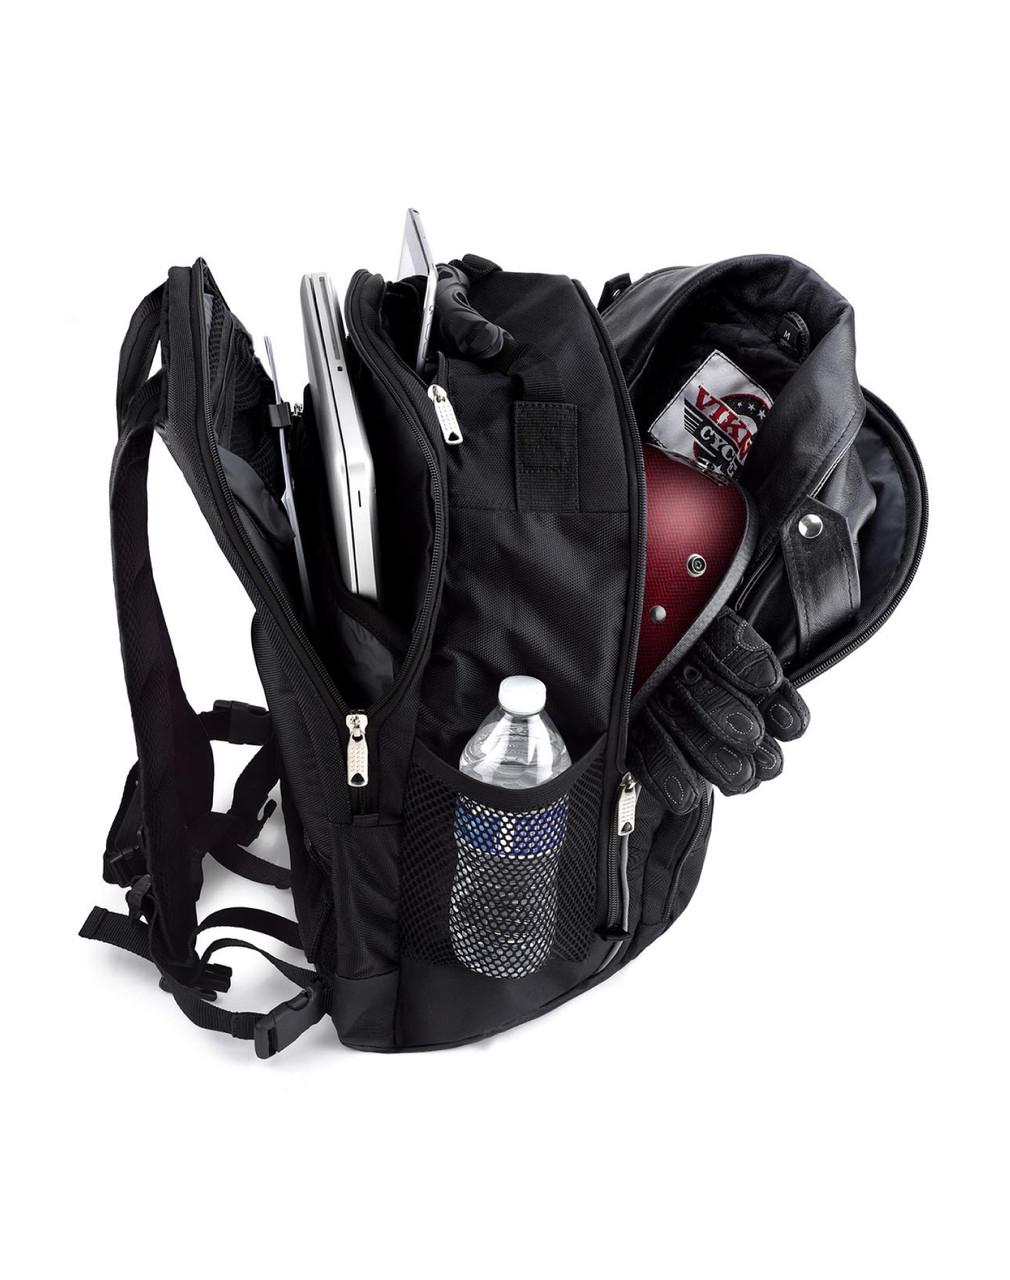 Yamaha Viking Motorcycle Sissy Bar Backpack Carrying Items View